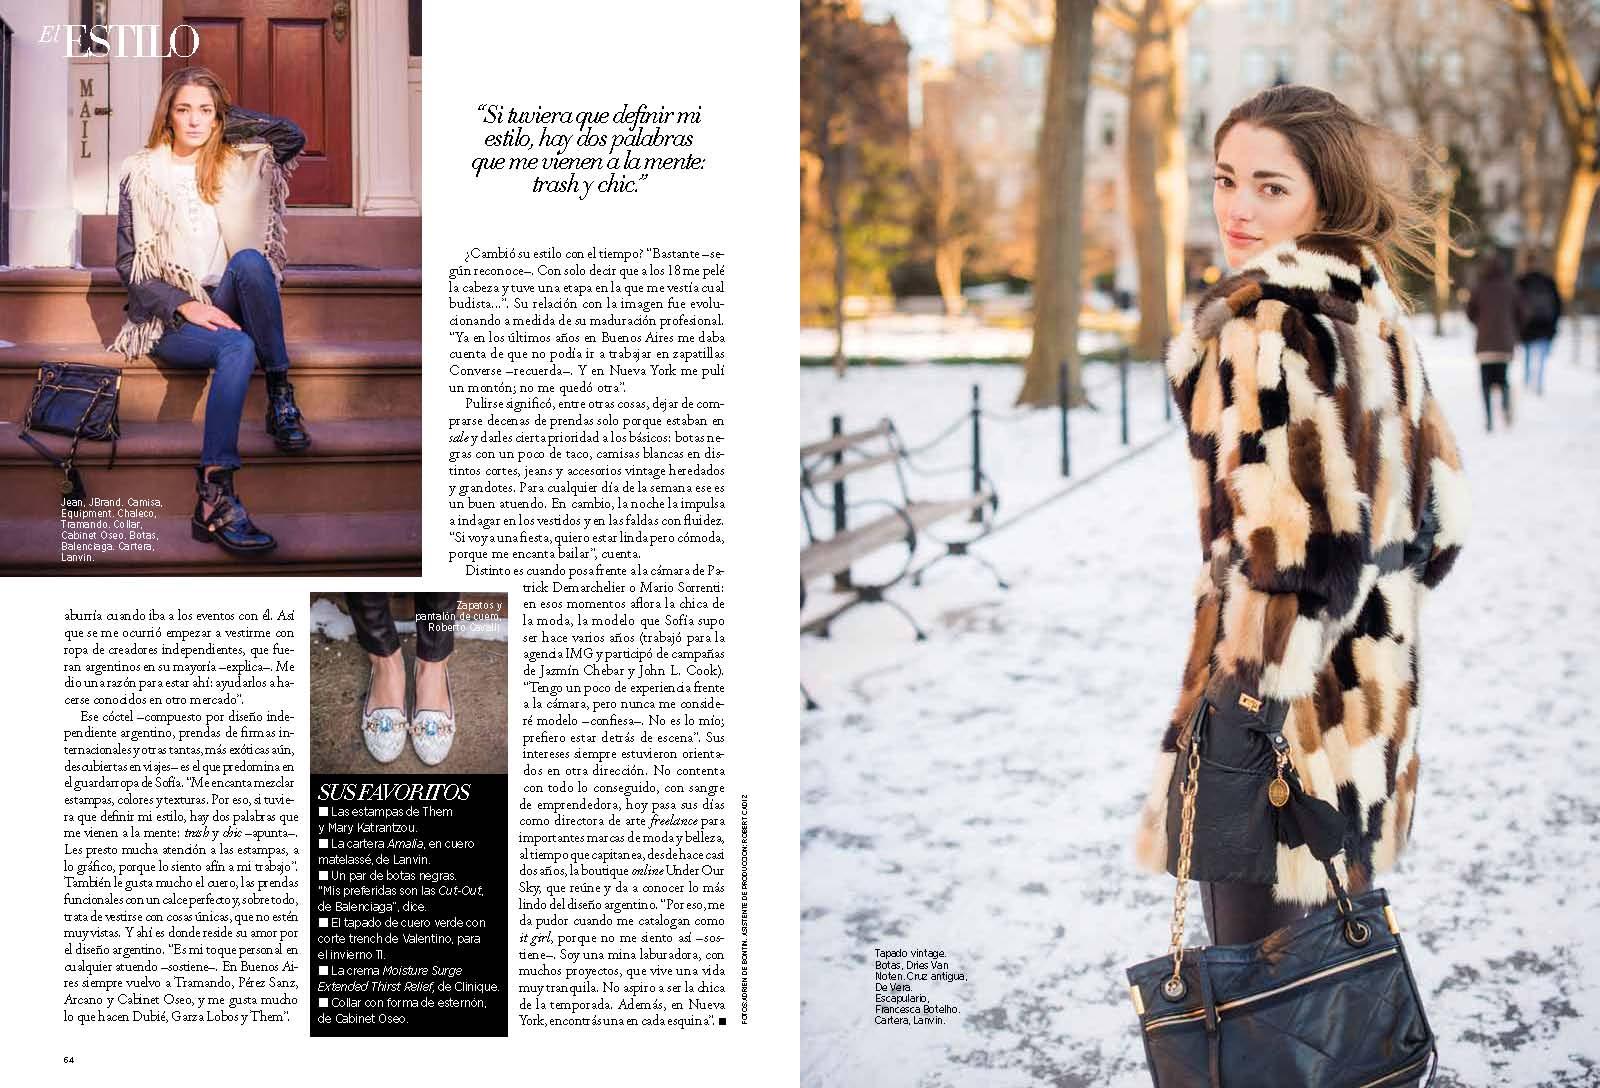 El estilo - Sofia Sanchez Barrenechea - HBZ Arg. Abril '13_Page_2.jpg